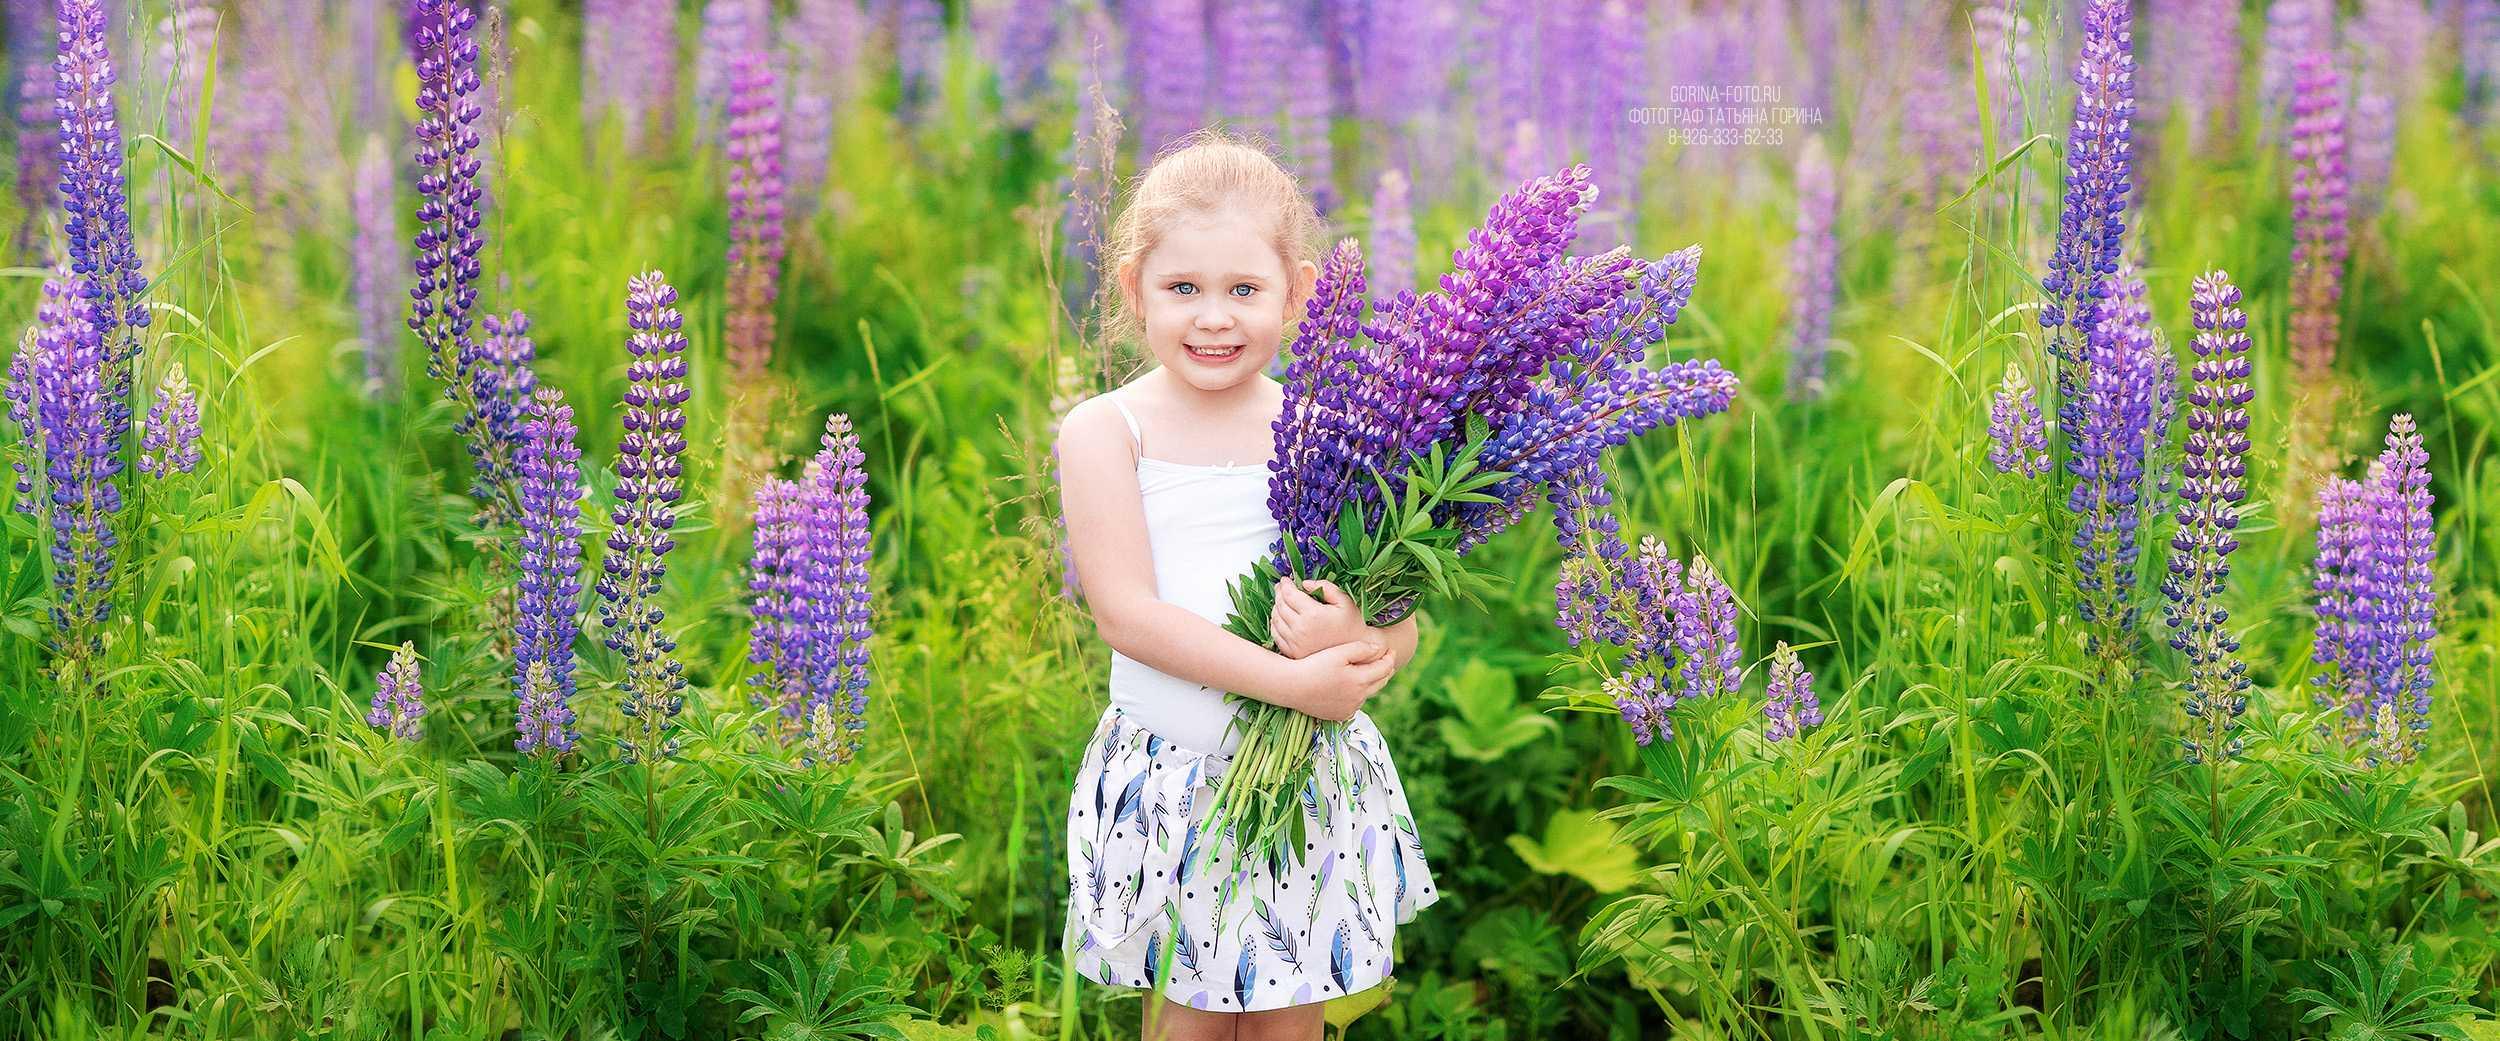 Детские фотосессии. Детский фотограф Татьяна Горина.